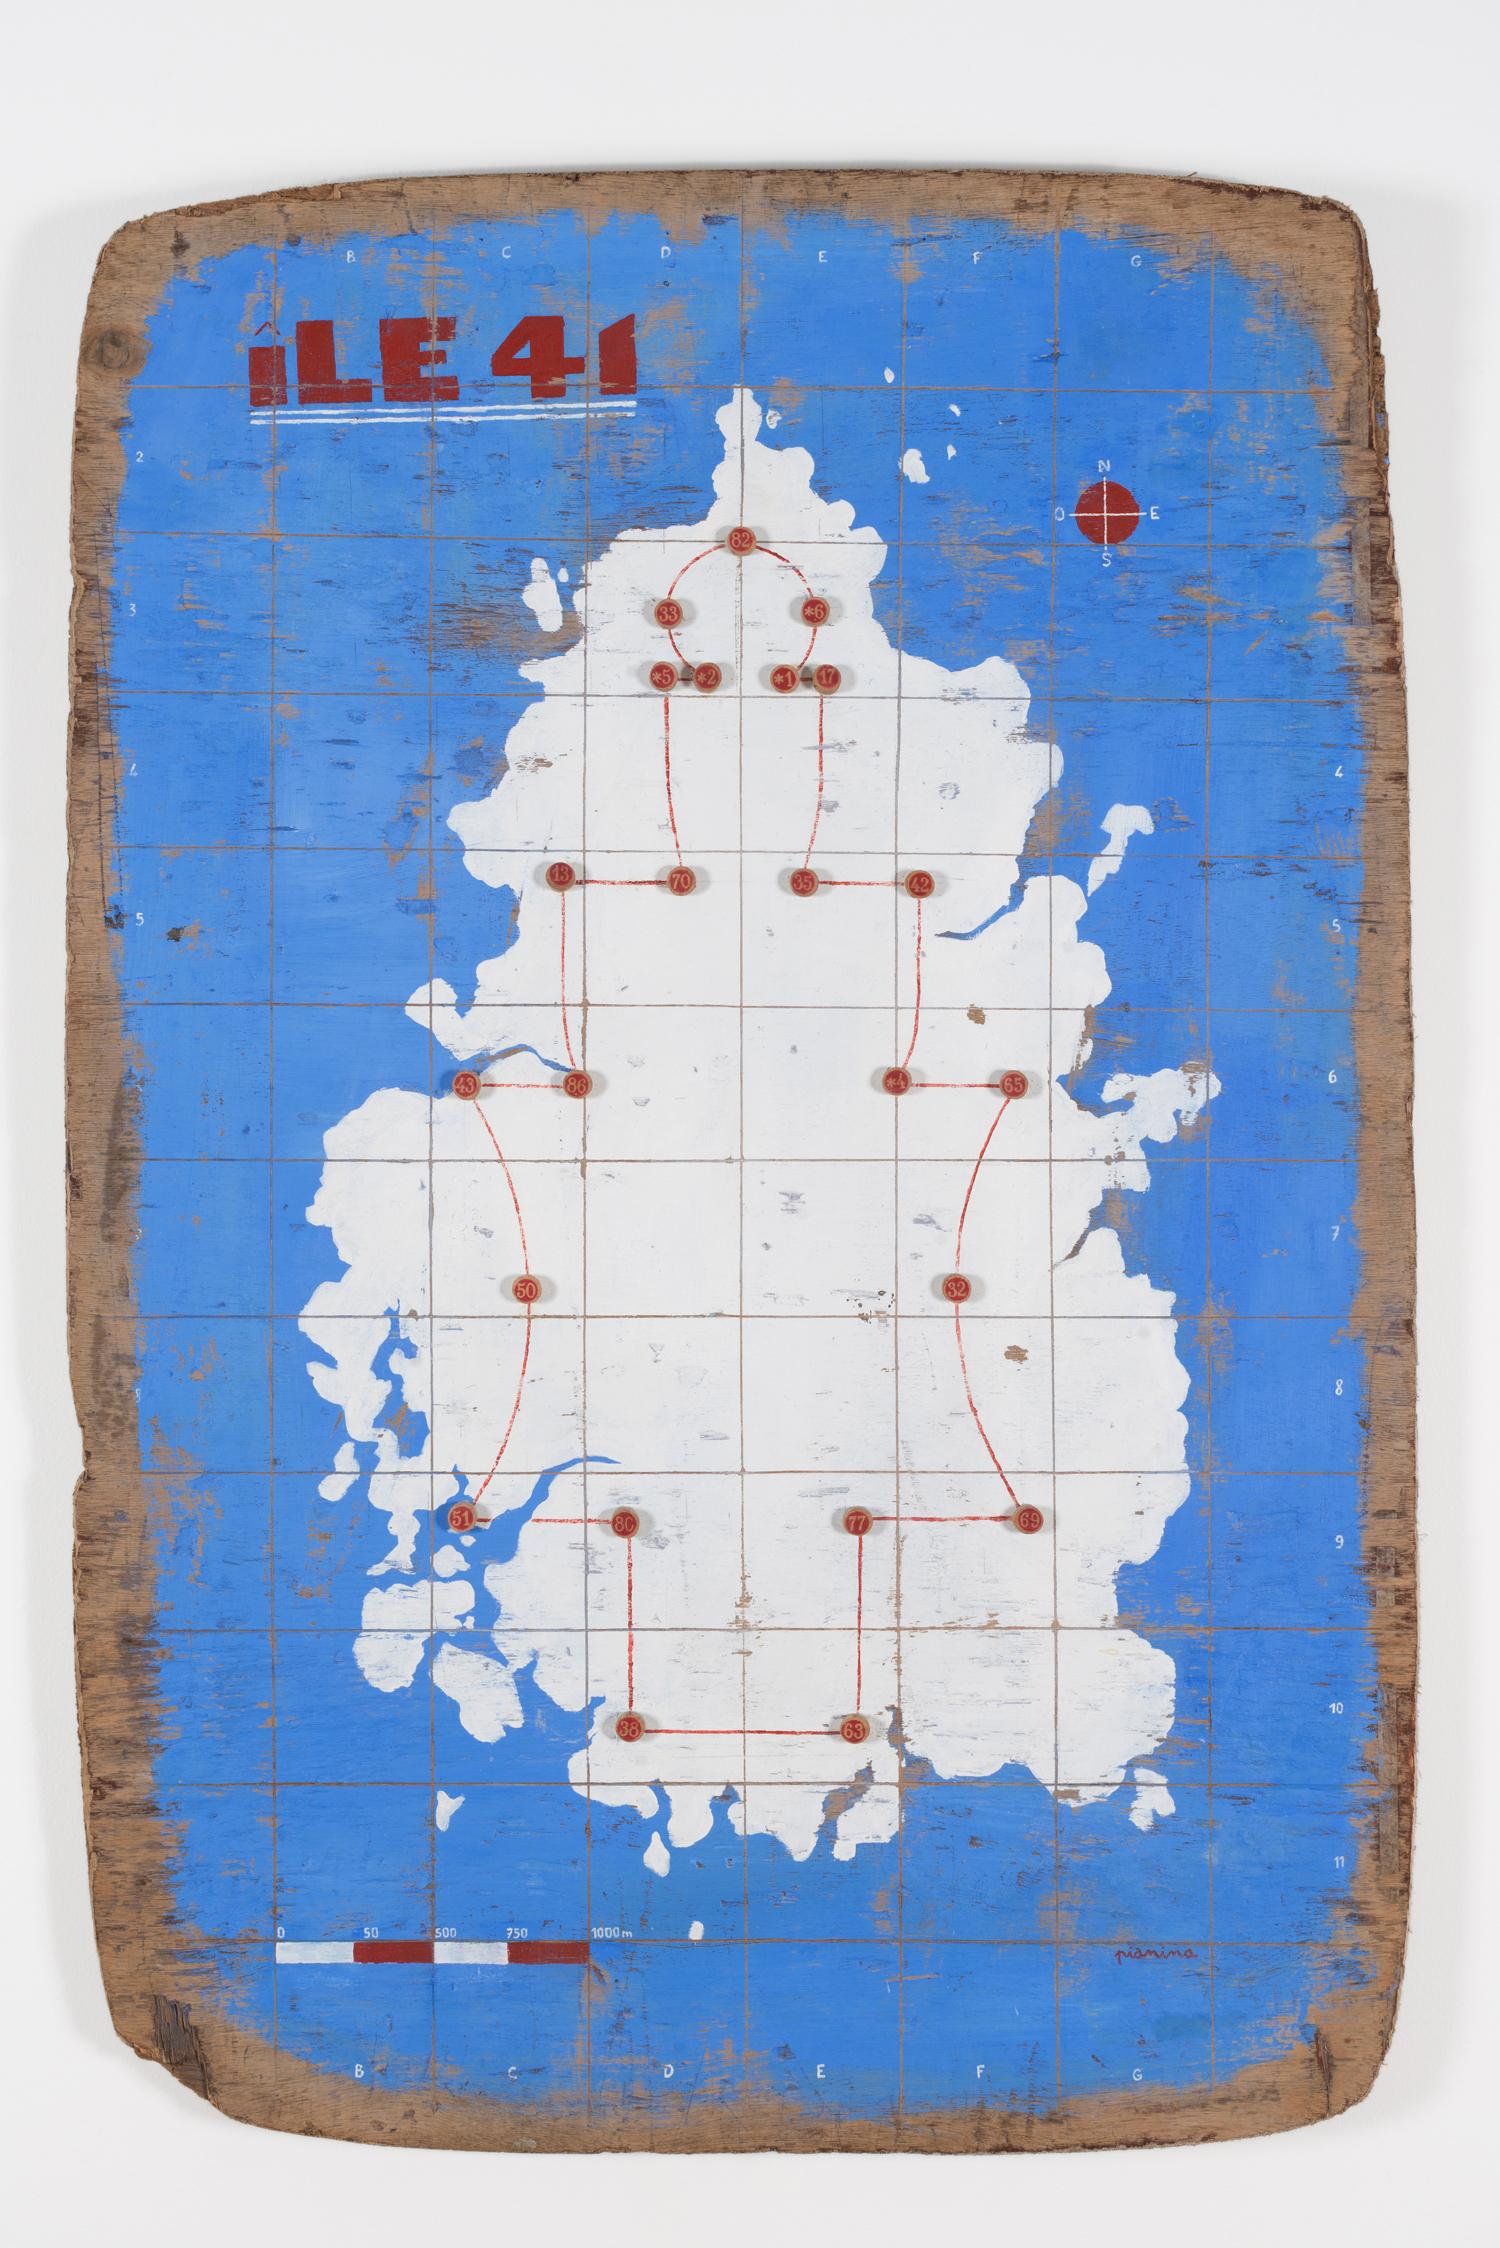 Carte de l'île 41 | Vincent Pianina | Carte de l'île 41